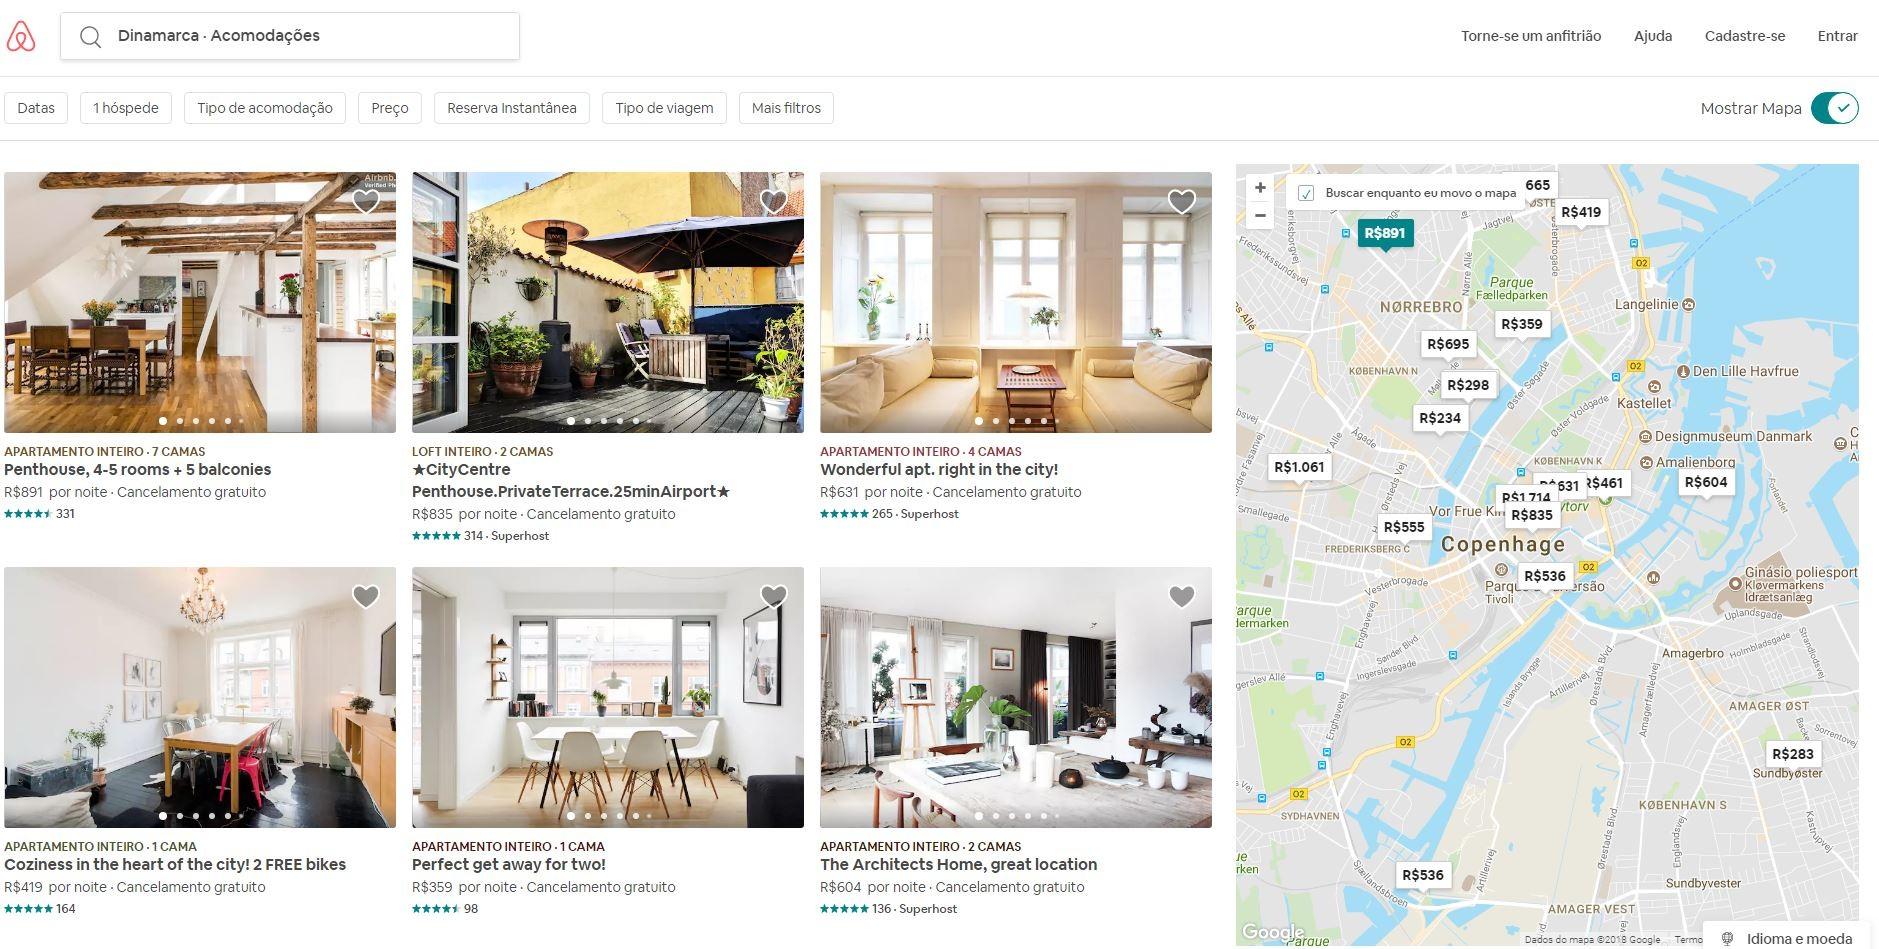 Airbnb completa 10 anos em cenário cada vez mais regulamentado 2